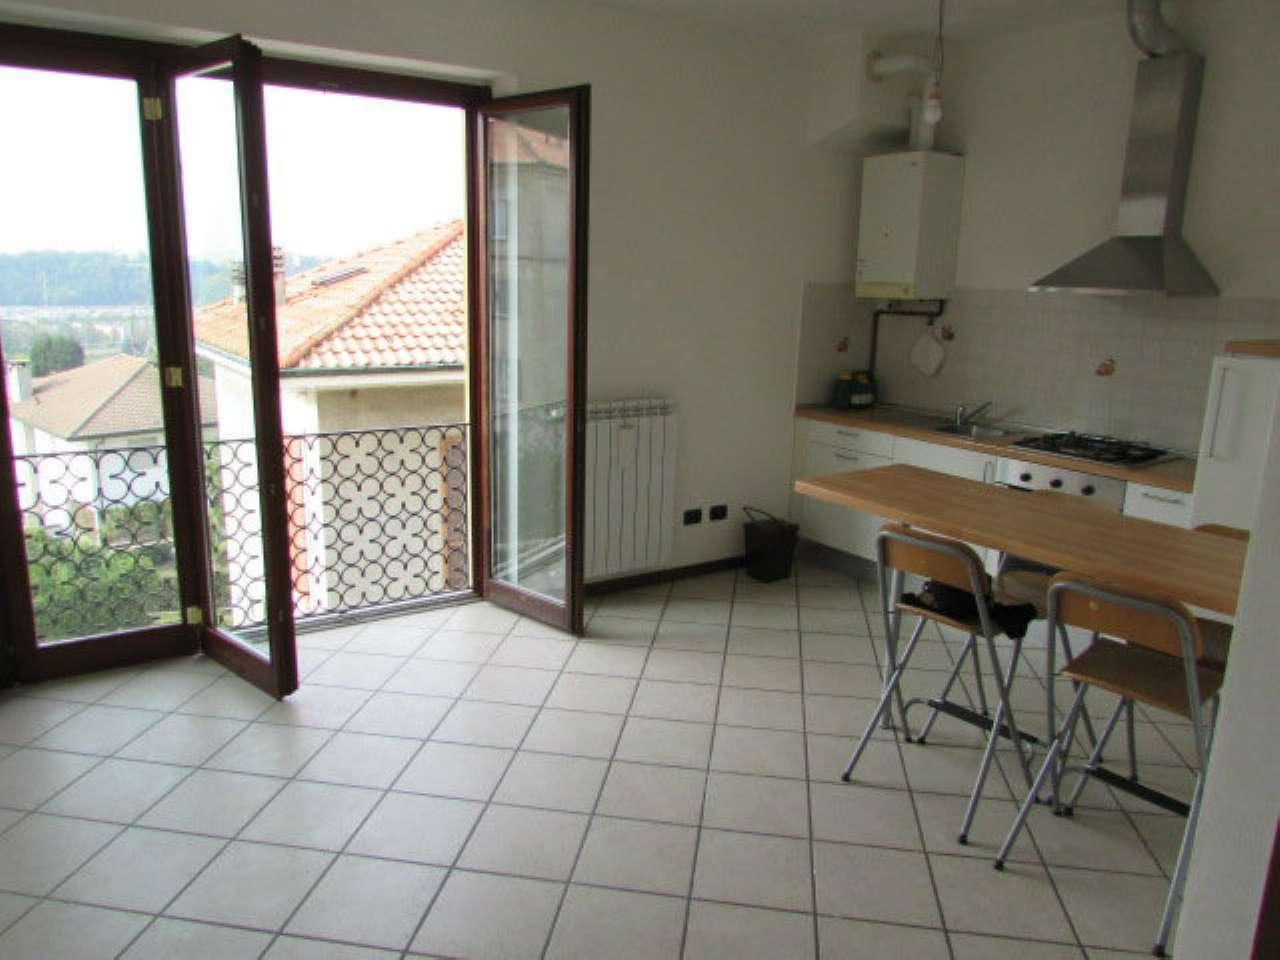 Appartamento ristrutturato parzialmente arredato in vendita Rif. 8244851